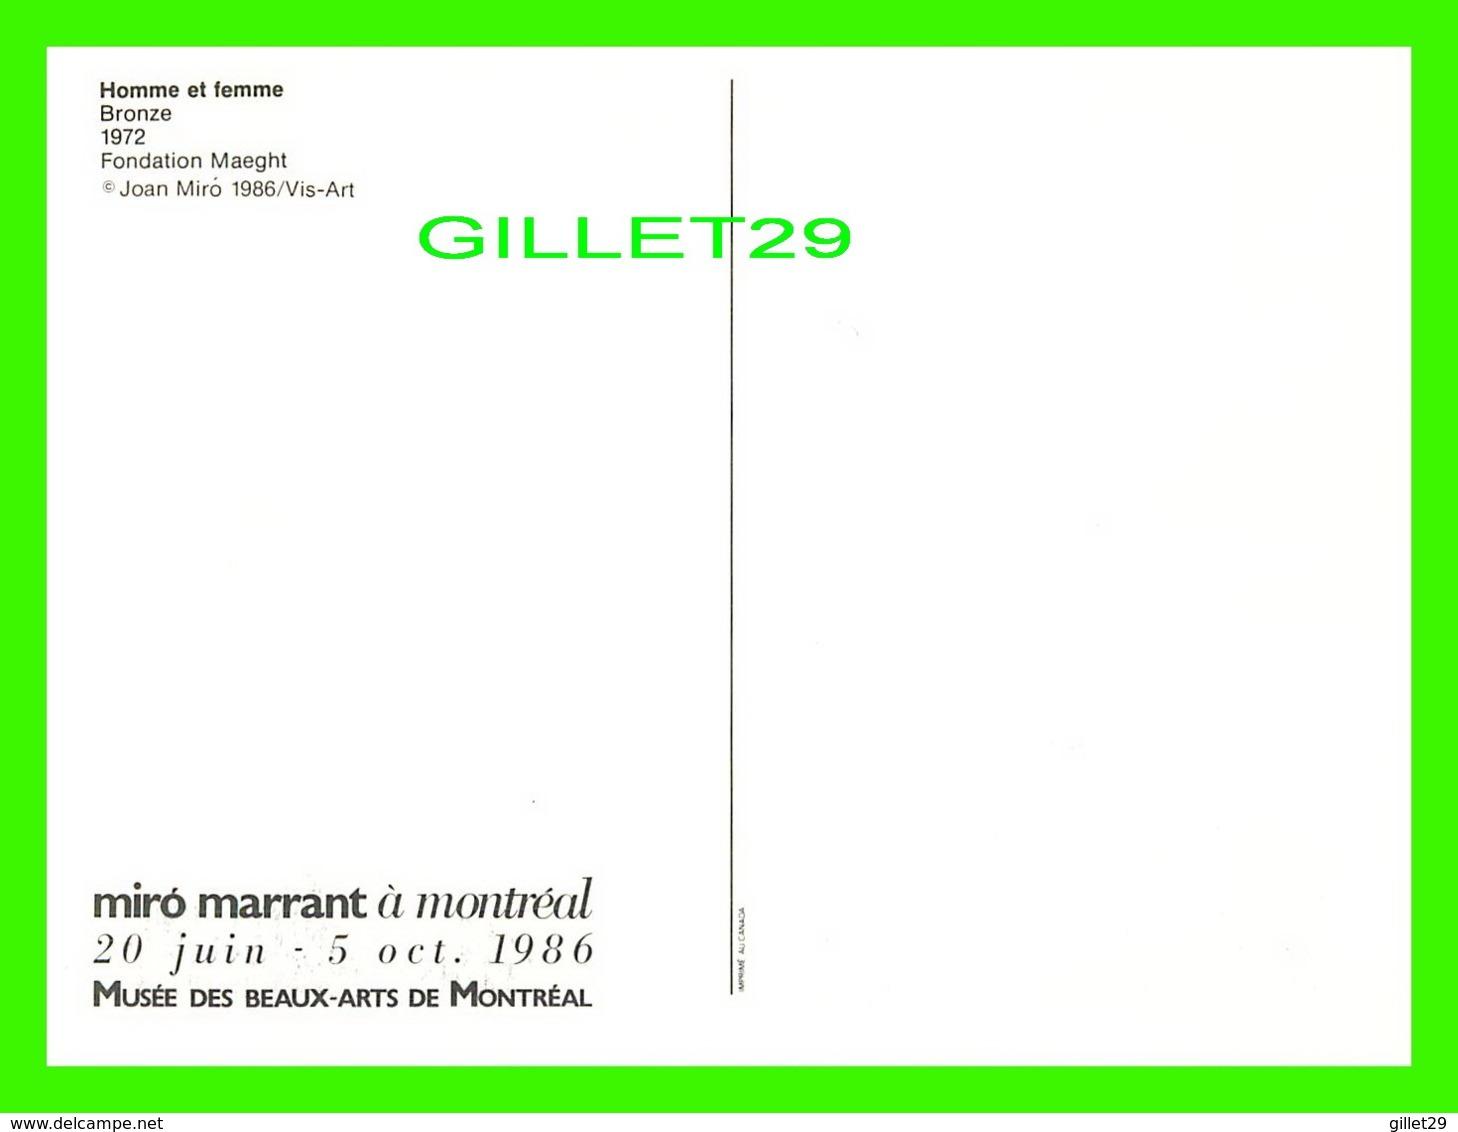 PUBLICITÉ - MIRO MARRANT À MONTRÉAL EN 1986, MUSÉE DES BEAUX-ARTS - HOMME ET FEMME, 1972 - 12.5 X 17.5 Cm - Publicité